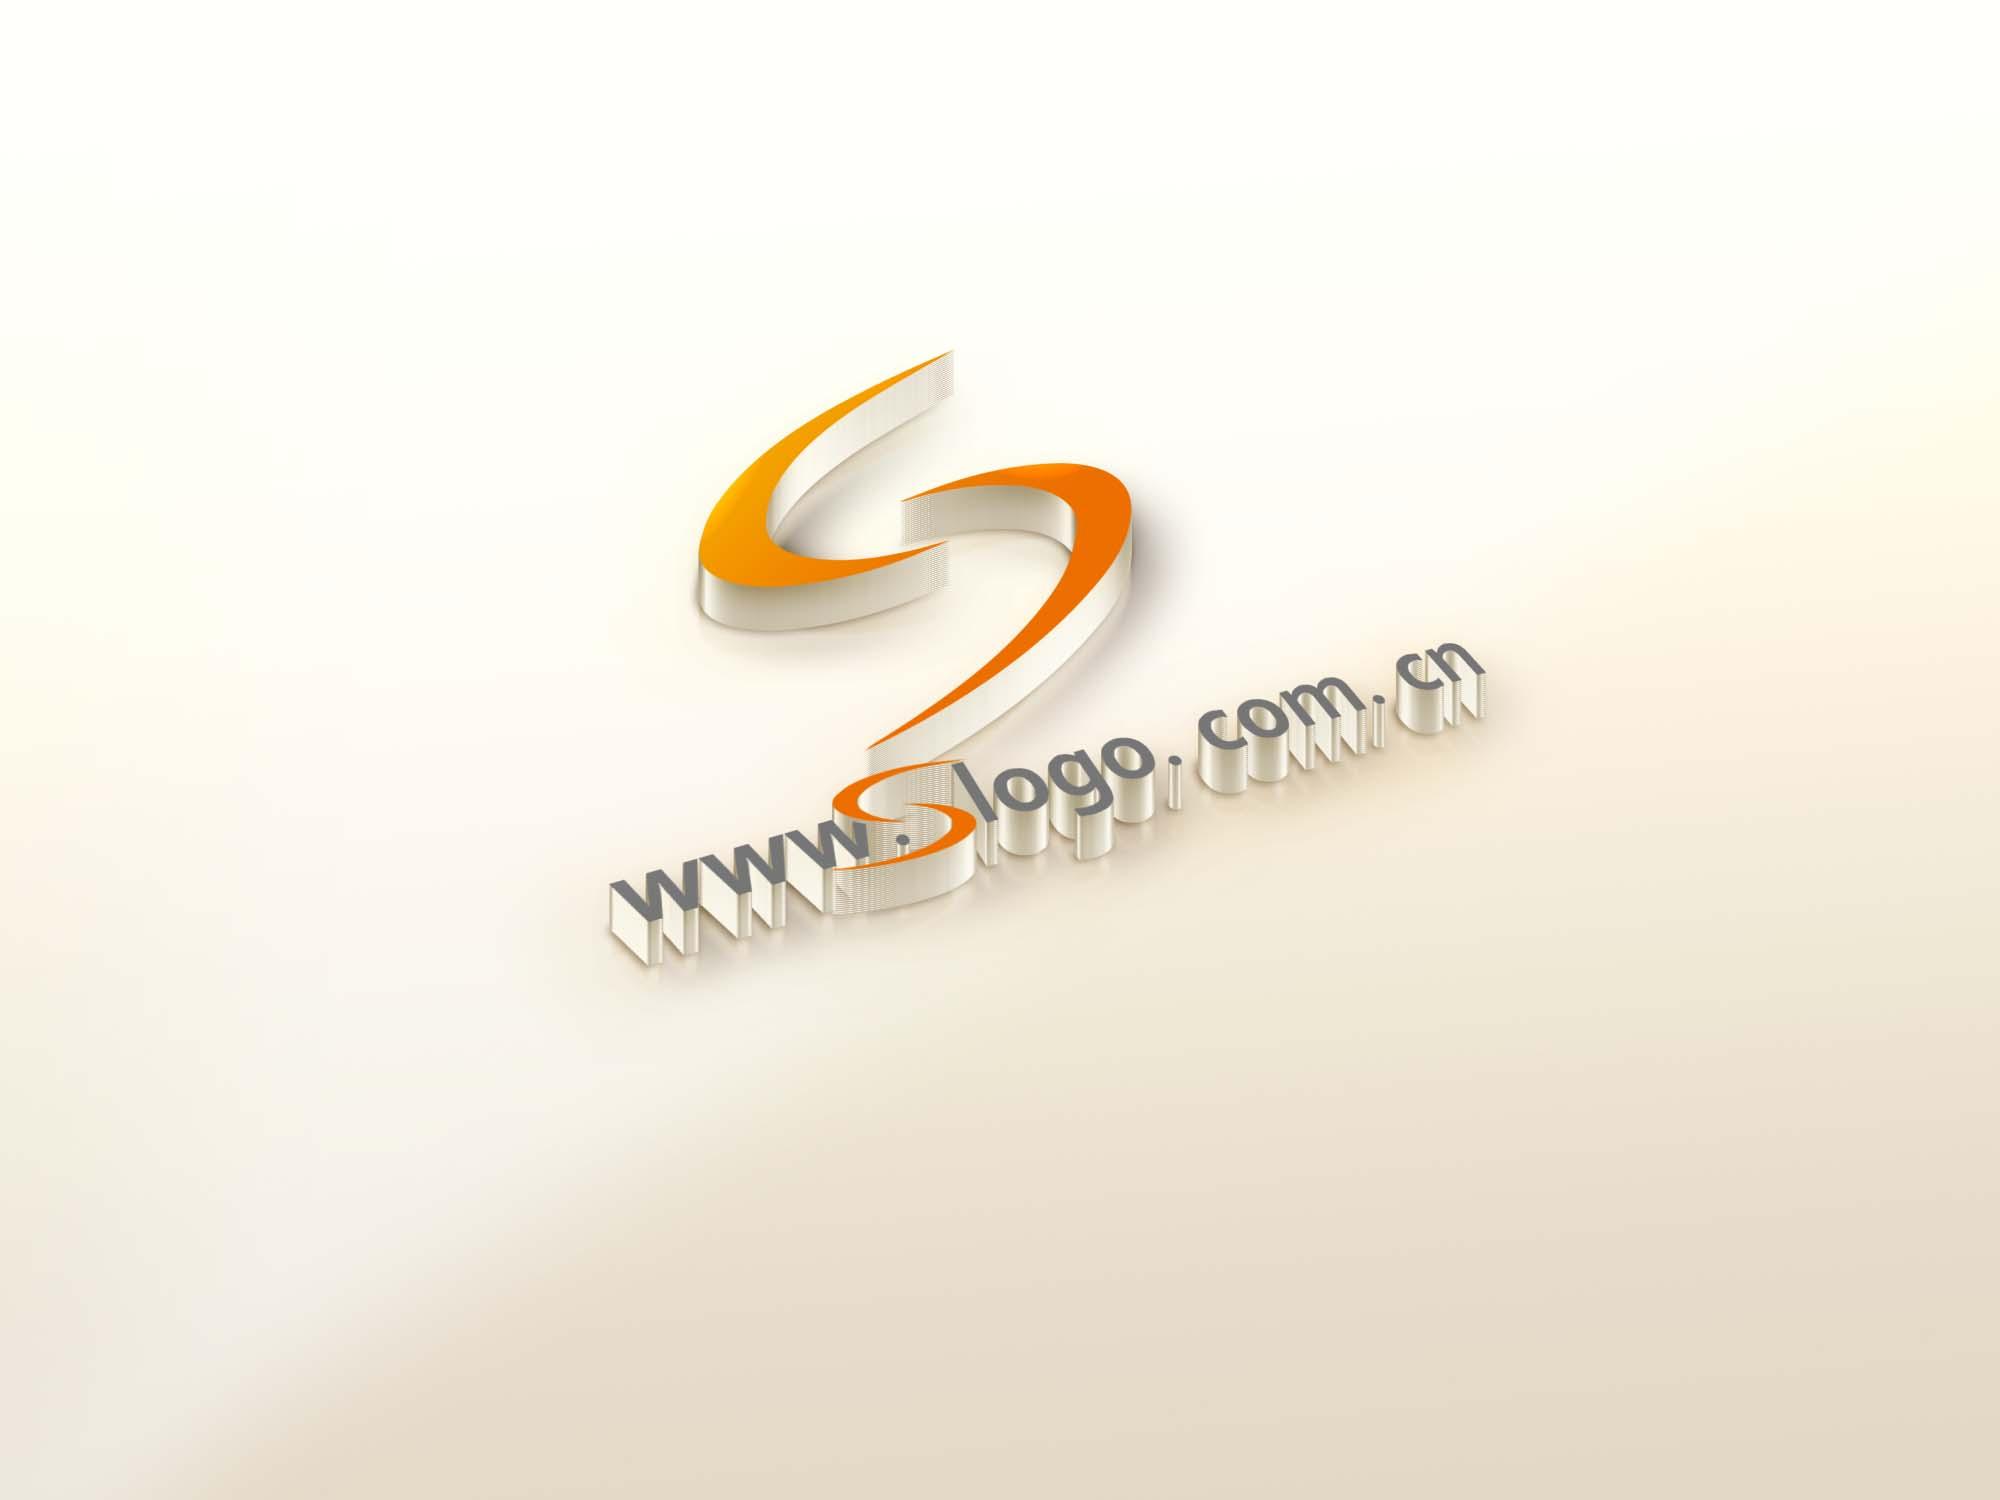 闪电logo设计_3028147_k68威客网